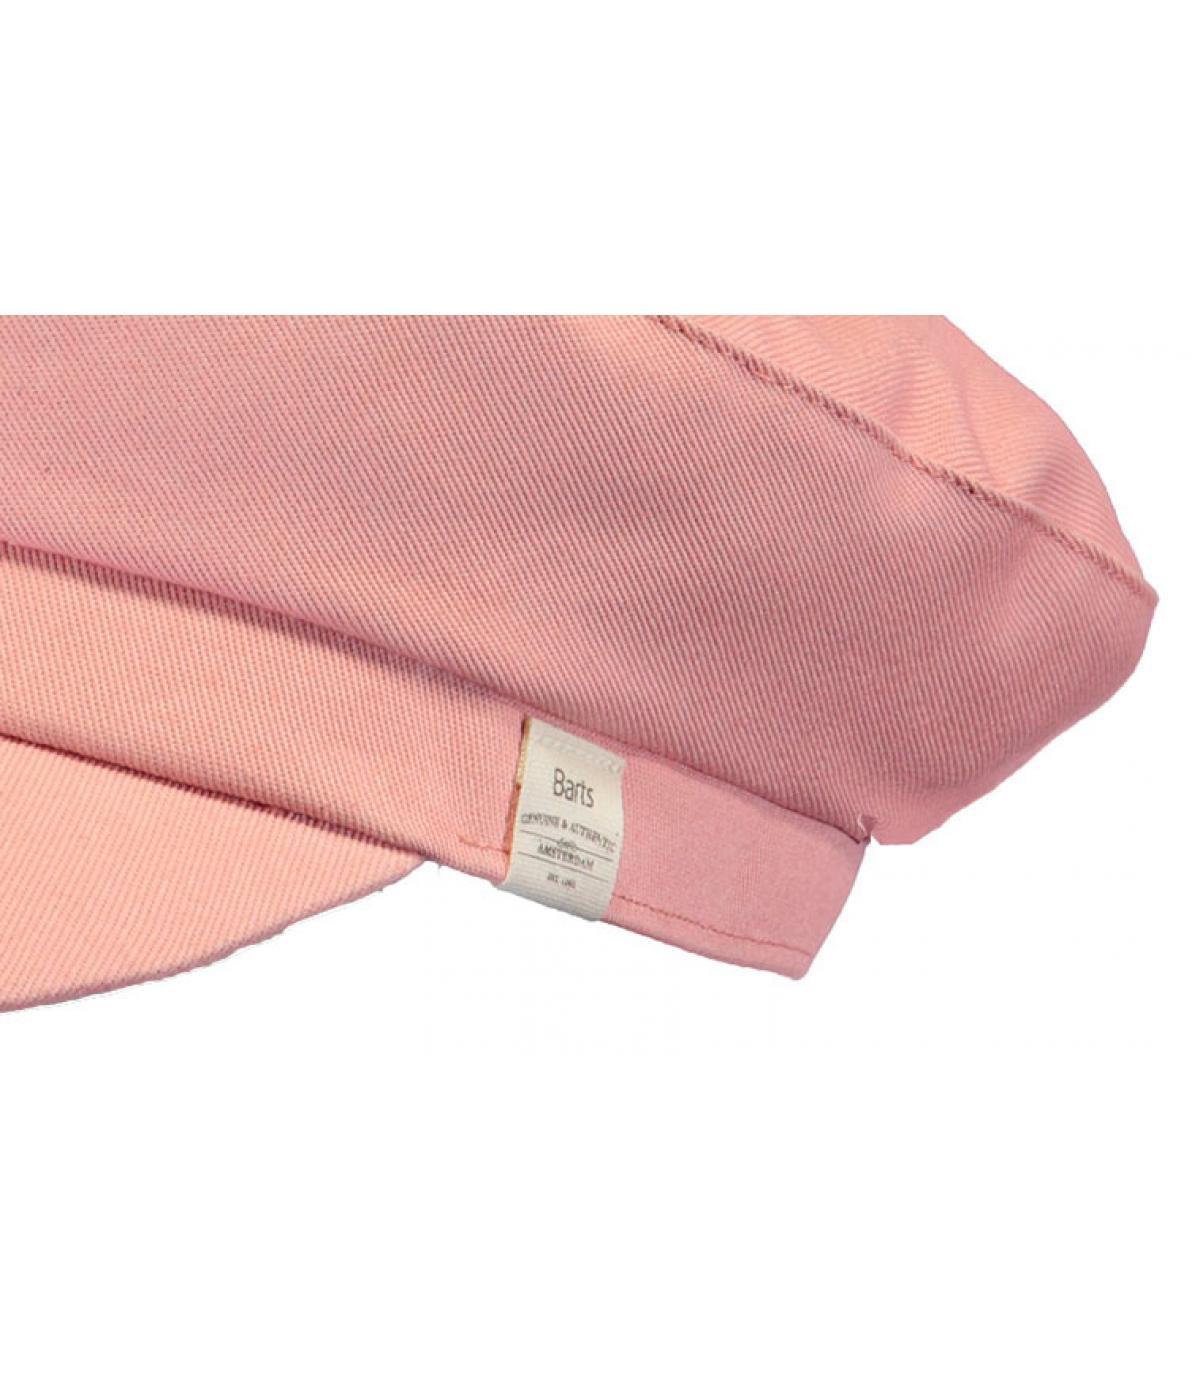 Détails Dieze dusty pink - image 3